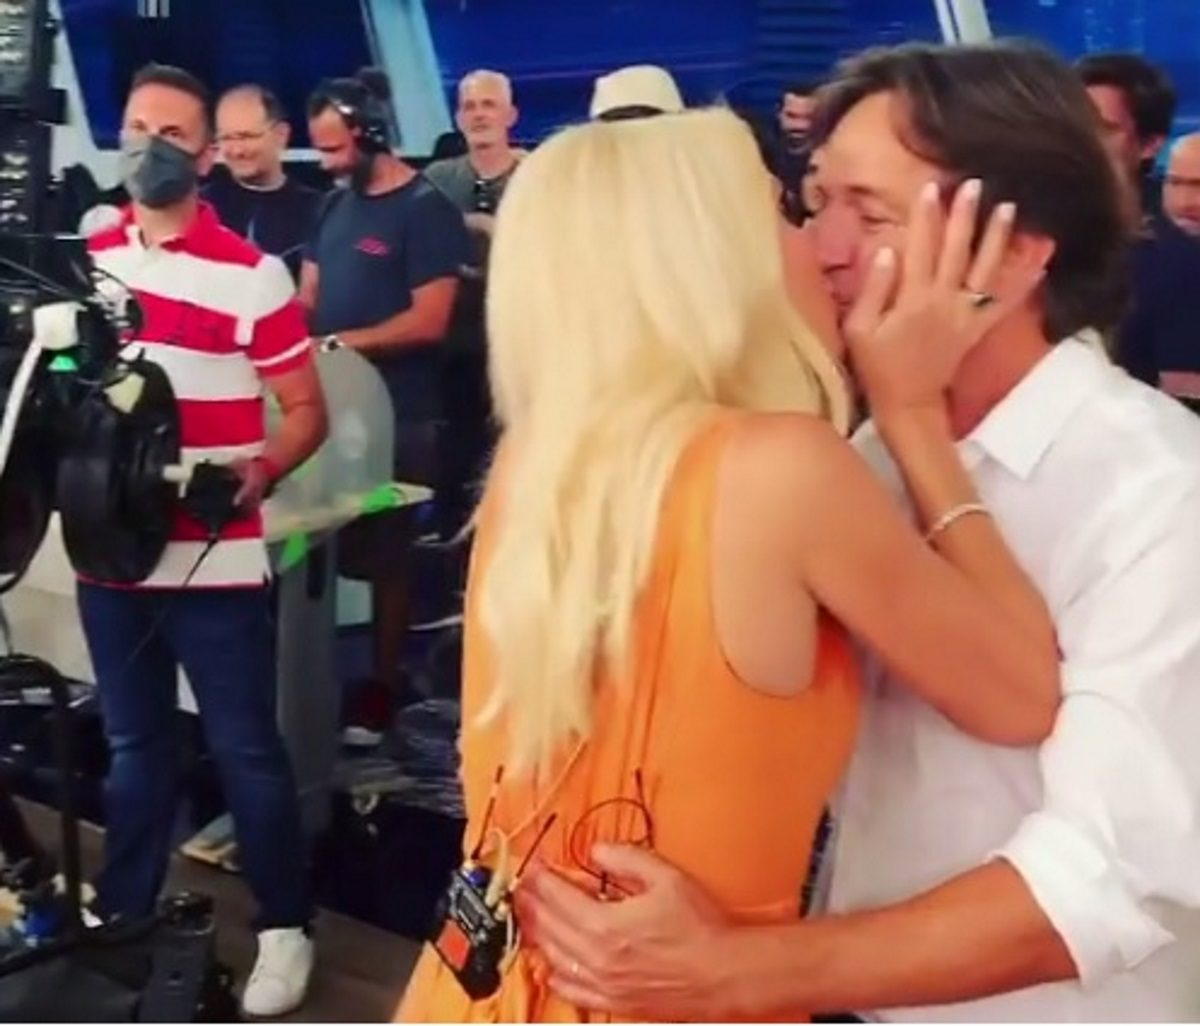 Η Ελένη Μενεγάκη αγκάλιασε τον Μάκη Παντζόπουλο και τα παιδιά της στην τελευταία εκπομπή! [pics,vid] | tlife.gr